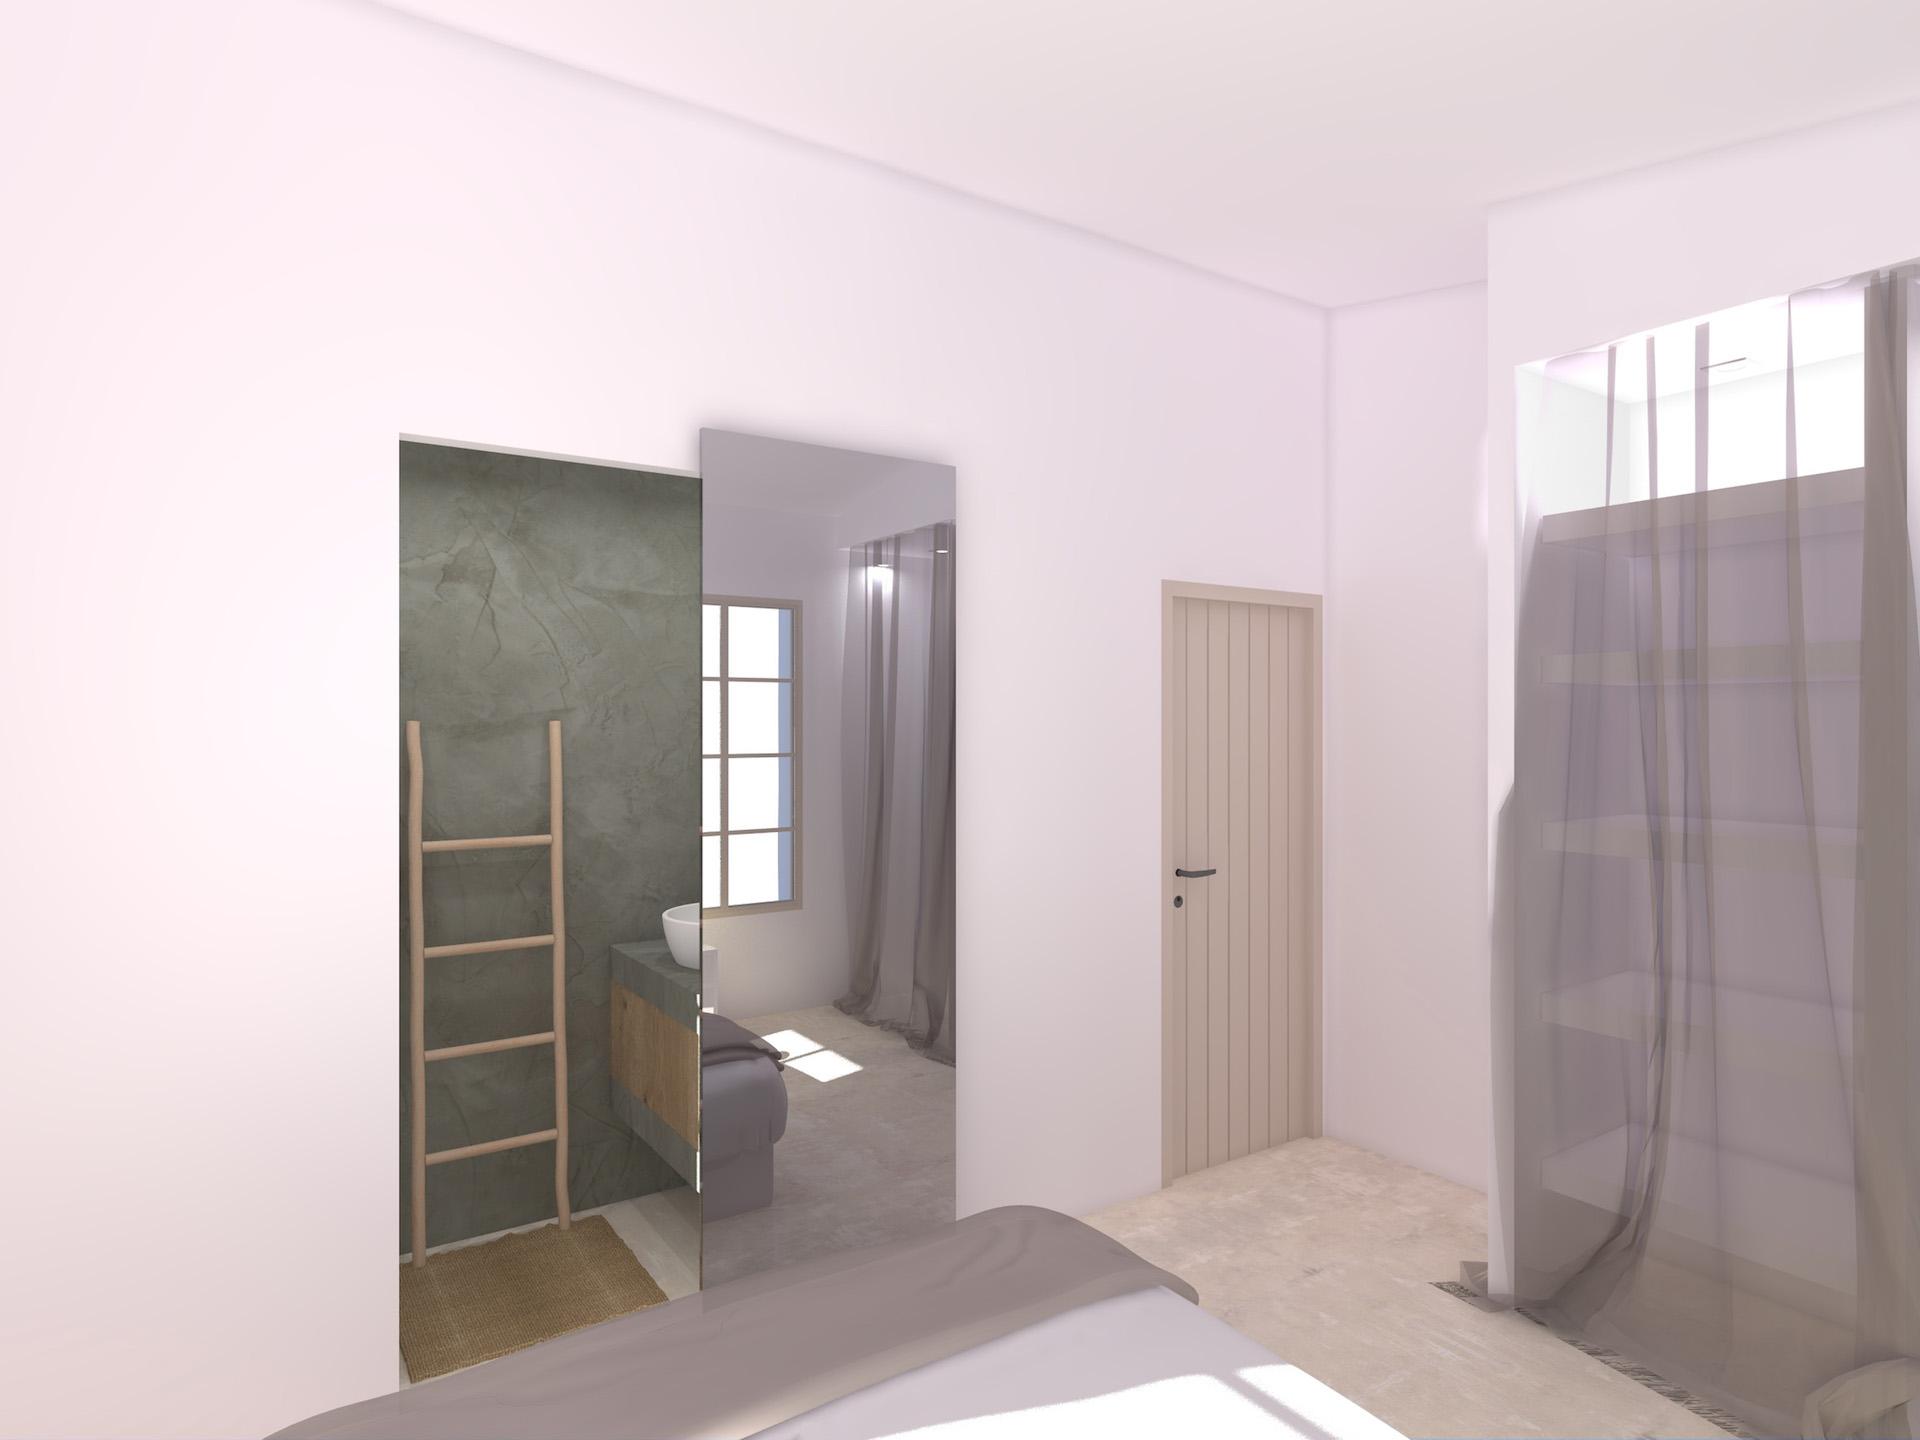 renovation-architecte-dintérieur-Mas-de-guerrevieille-1